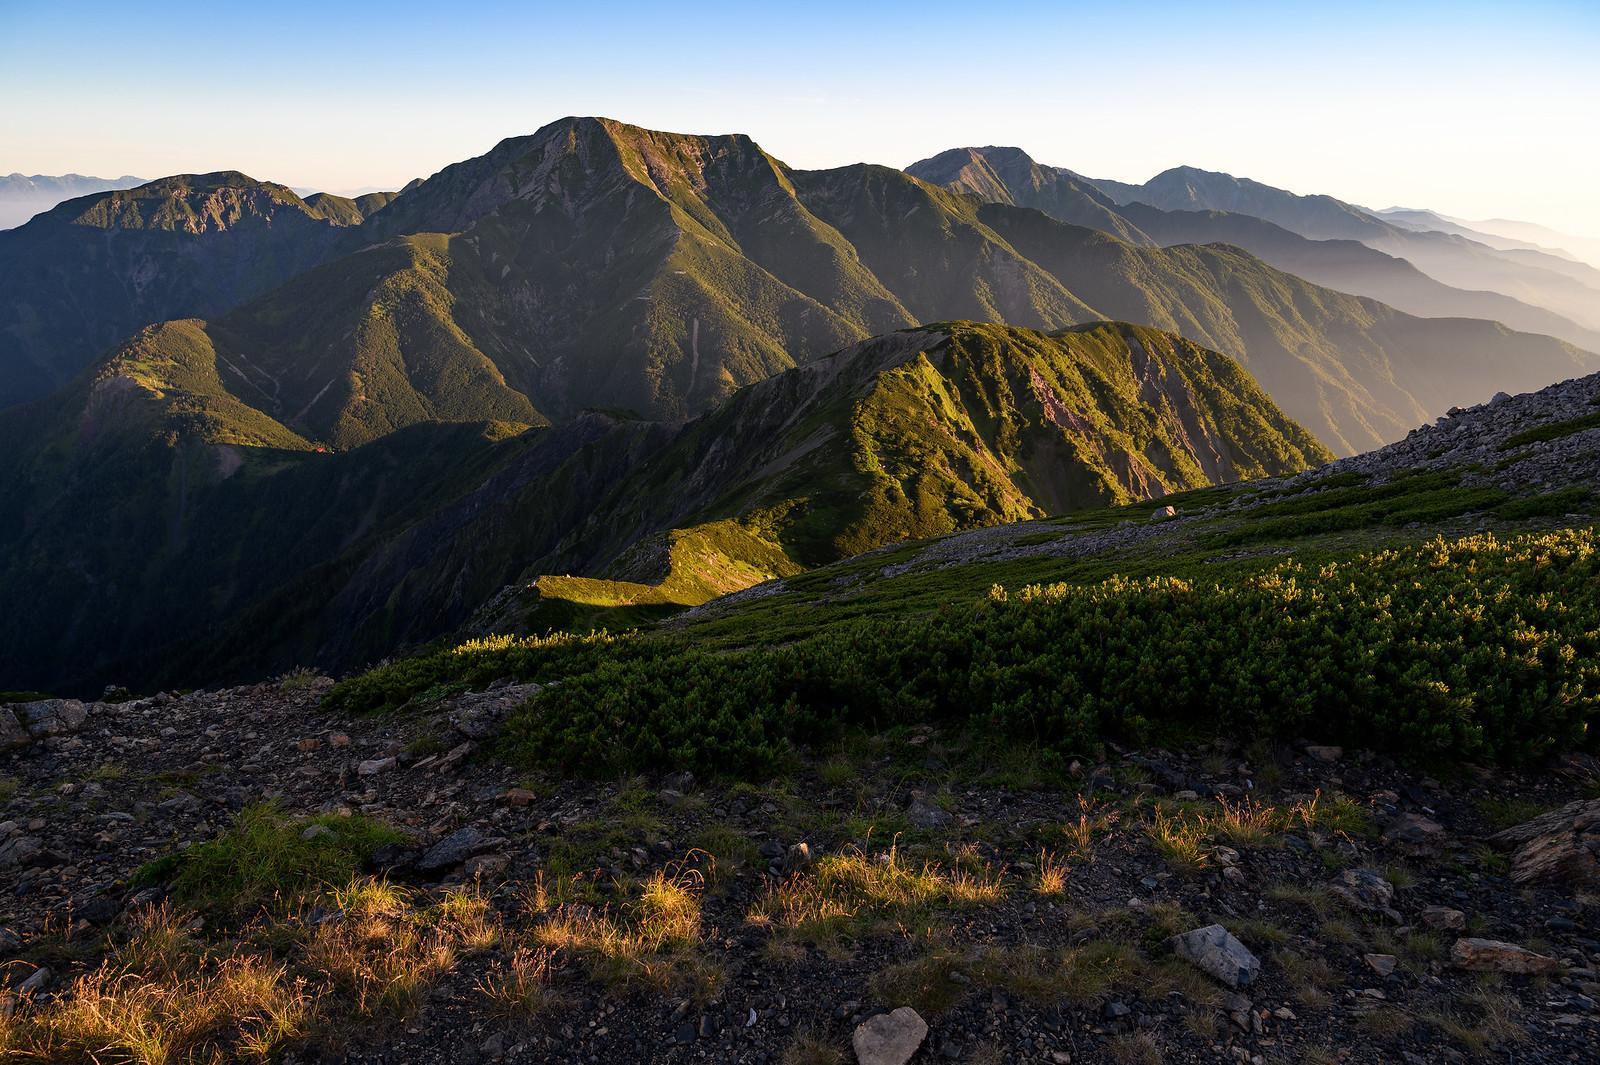 【南アルプス】上河内岳 テント泊登山 ~山頂より望むご来光と迫力ある聖岳を求めて~